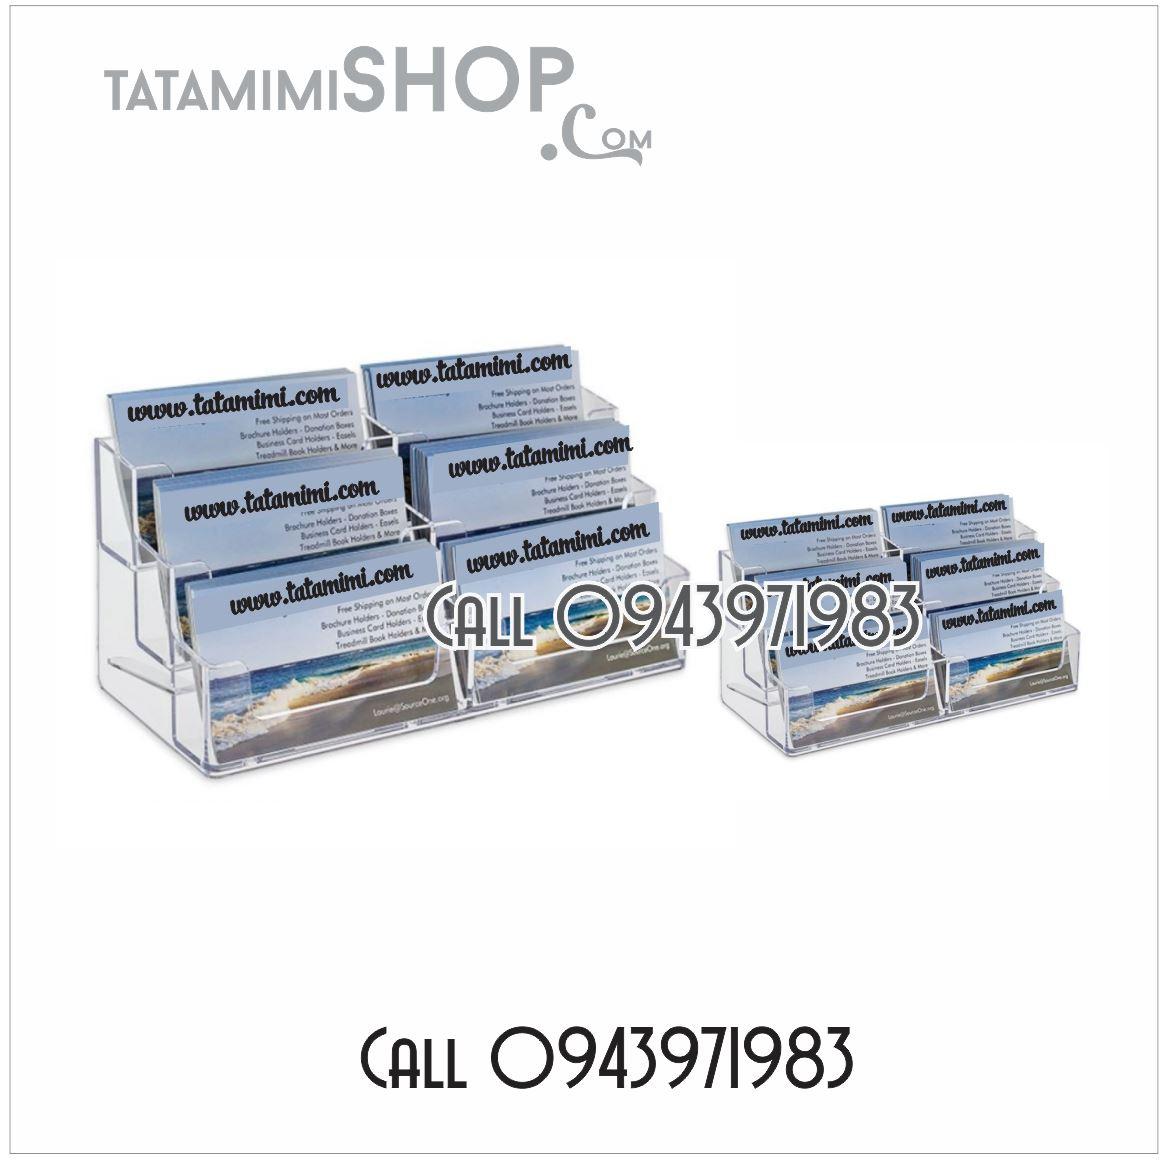 Kệ mica để cardvisit 6 ngăn để bàn | TATAMIMISHOP.COM ❤️❤️❤️